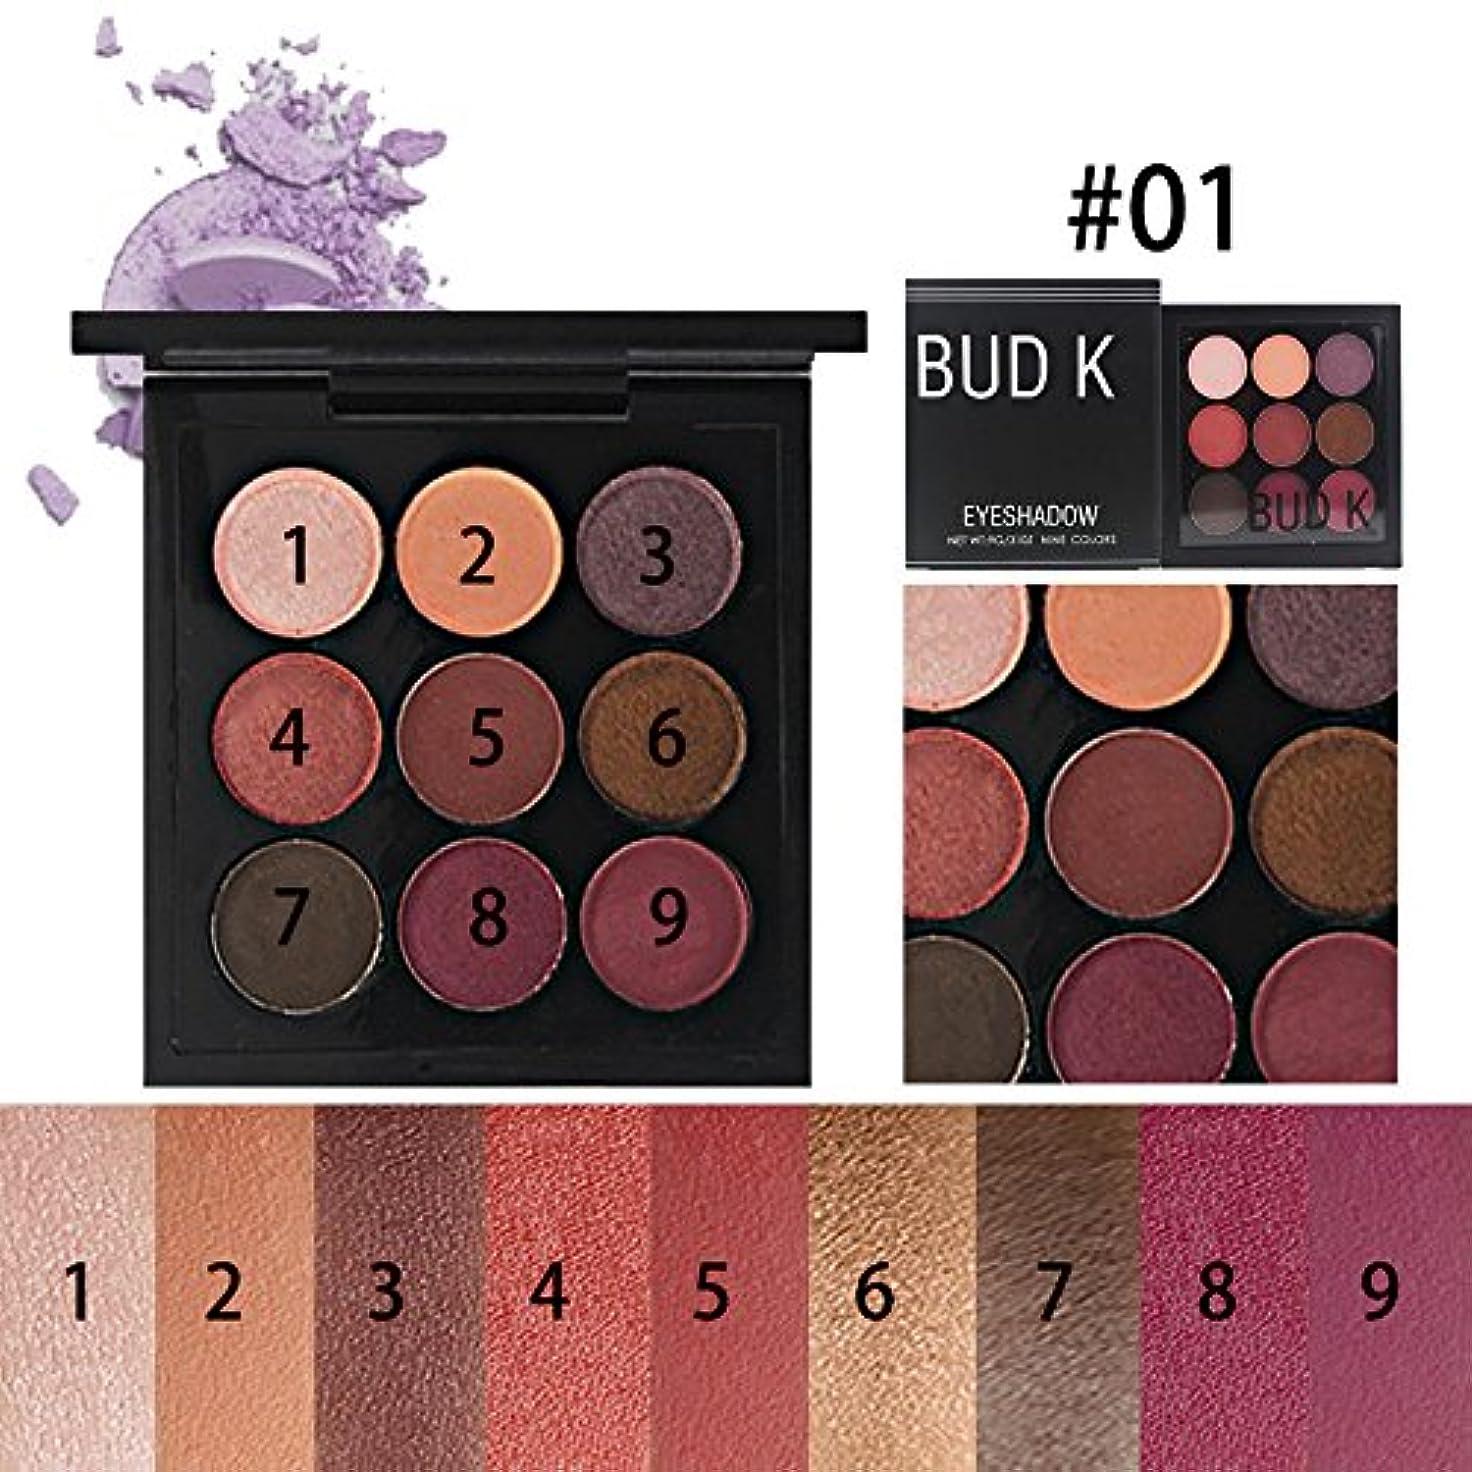 放置シェードクランプAkane アイシャドウパレット BUD K 人気 ファッション 高級 マット 綺麗 欧米風 つや消し 日本人肌に合う 持ち便利 Eye Shadow (9色)